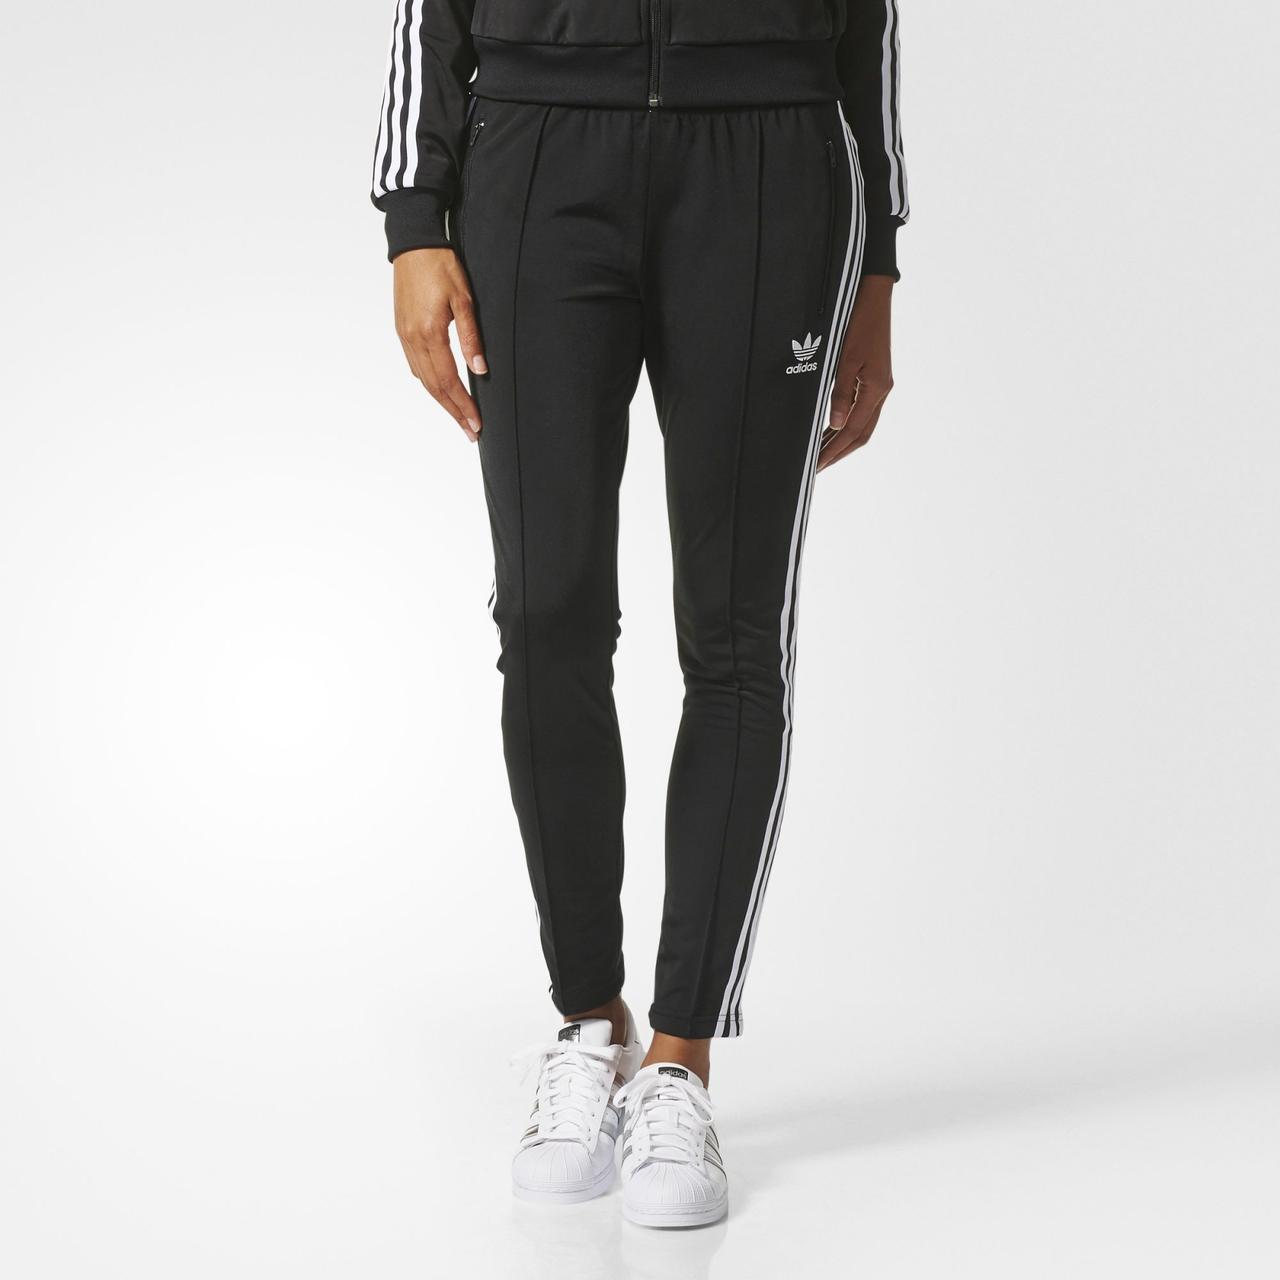 Женские брюки Adidas Originals SST (Артикул: BK0004)